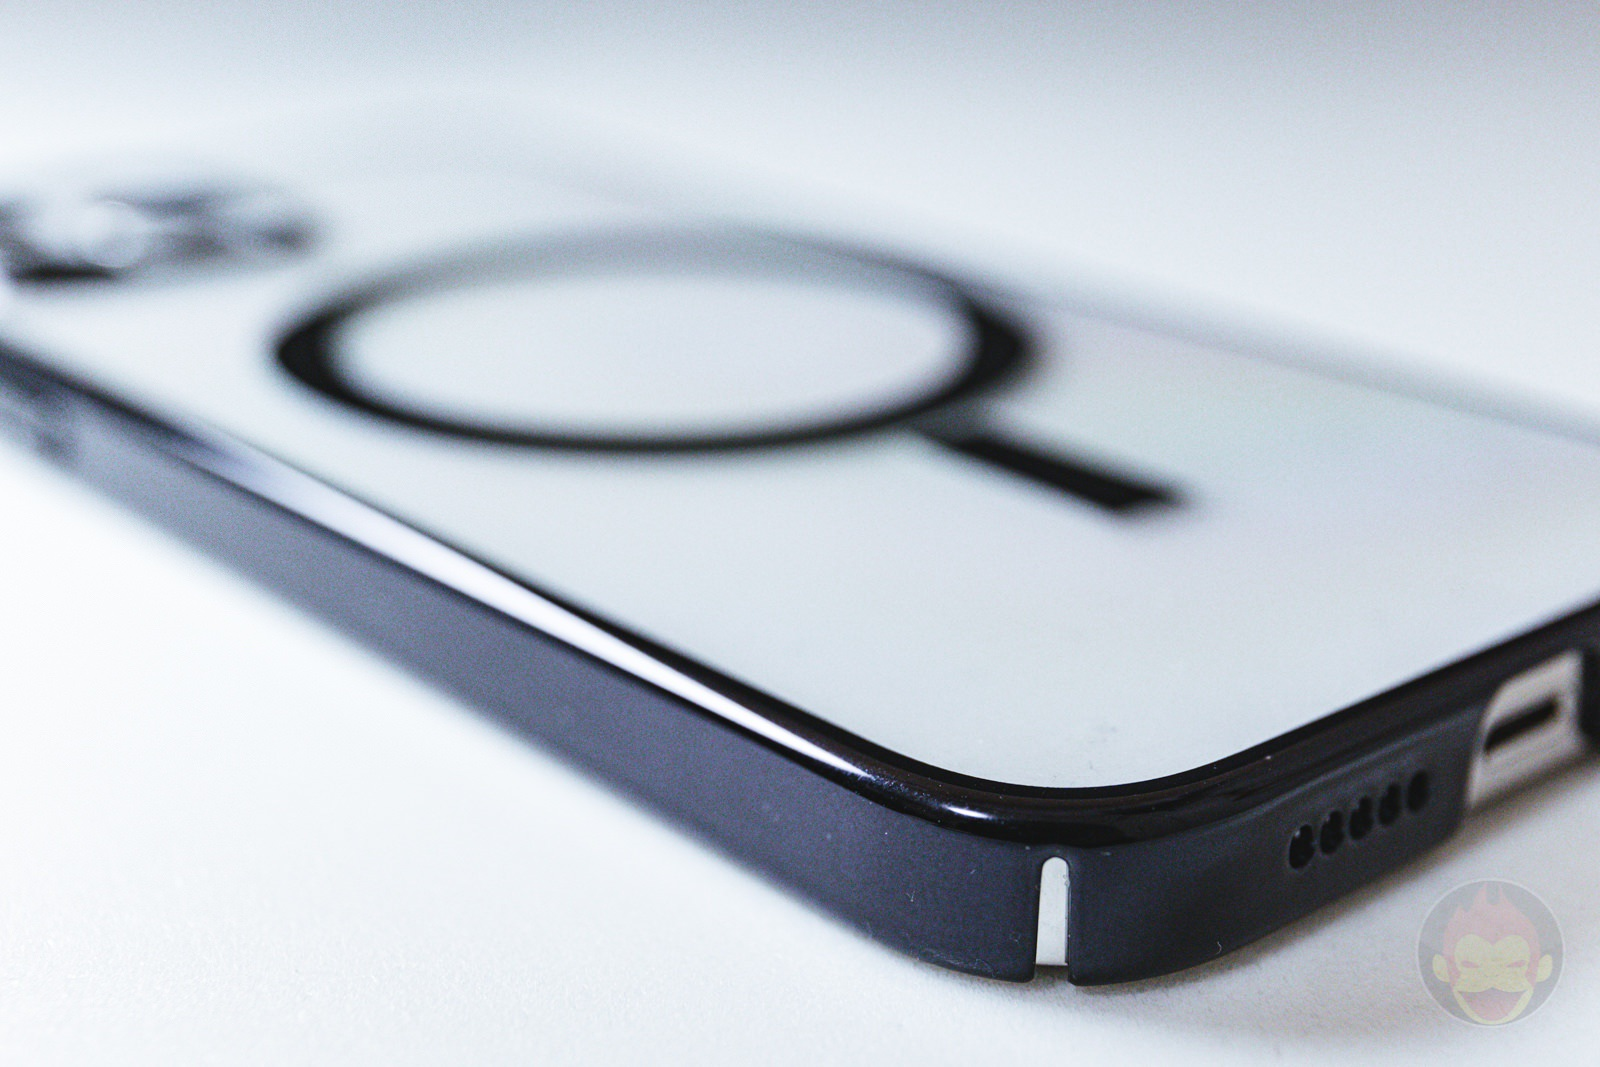 KAHITE Black MagSafe iPhone 12 Pro Case 06